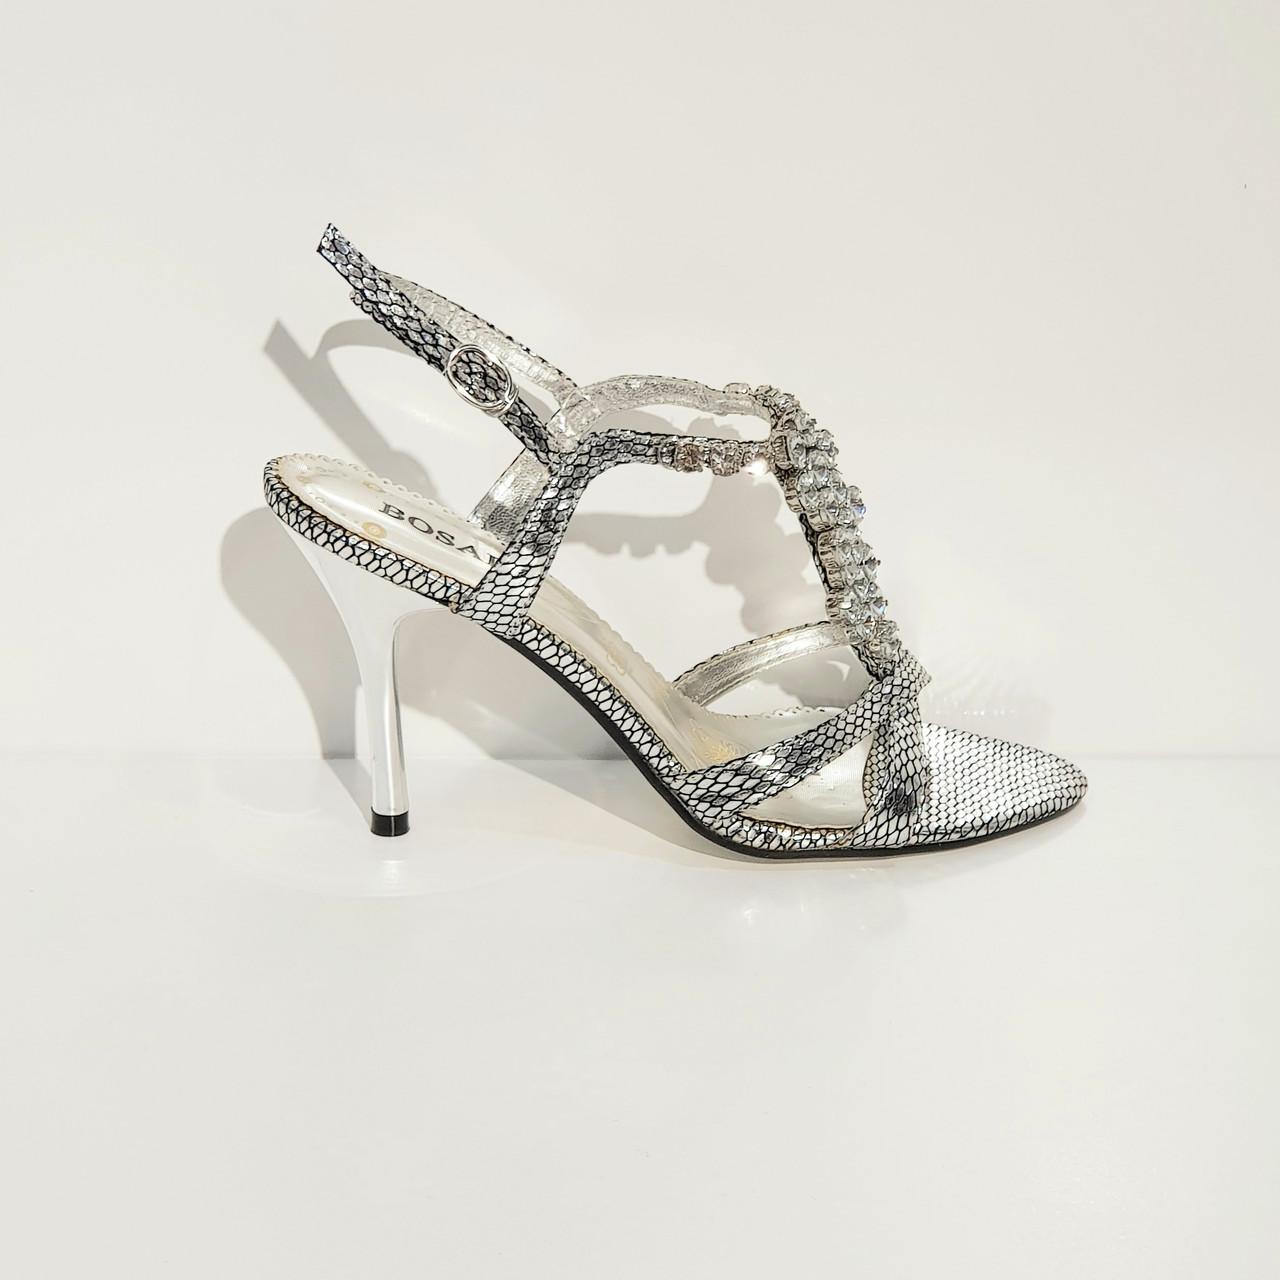 Босоножки женские текстильные на высоком клиновидном каблуке серебристые